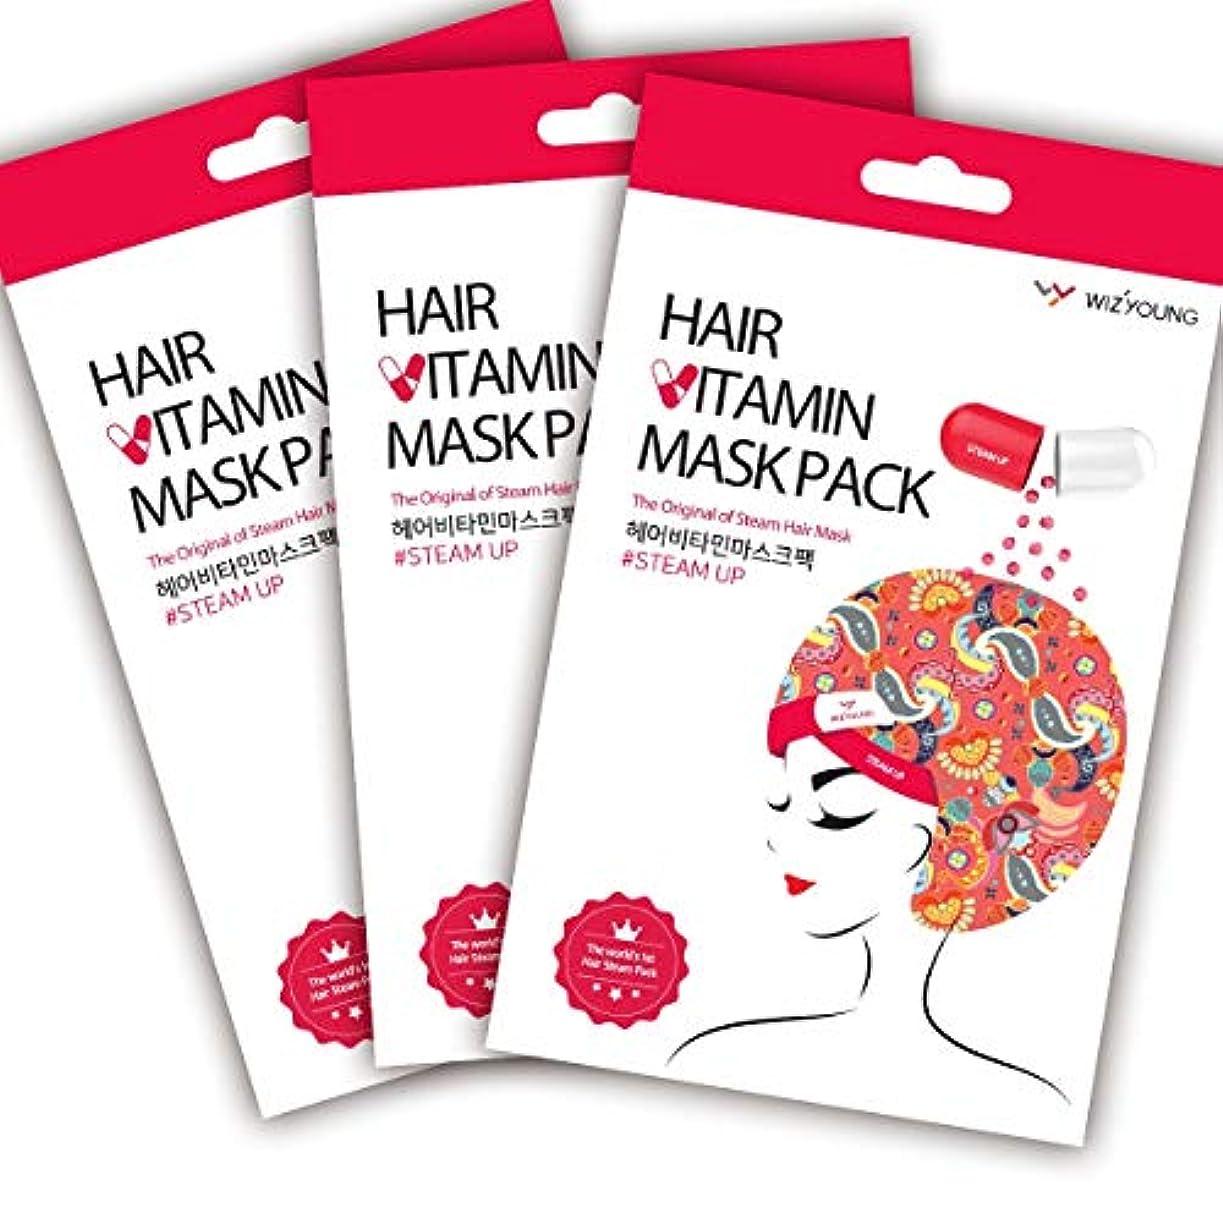 周辺明らかにする味方ヘアビタミンマスクパック スチームアップ 3パックセット HAIR VITAMIN MASK PACK STEAM UP